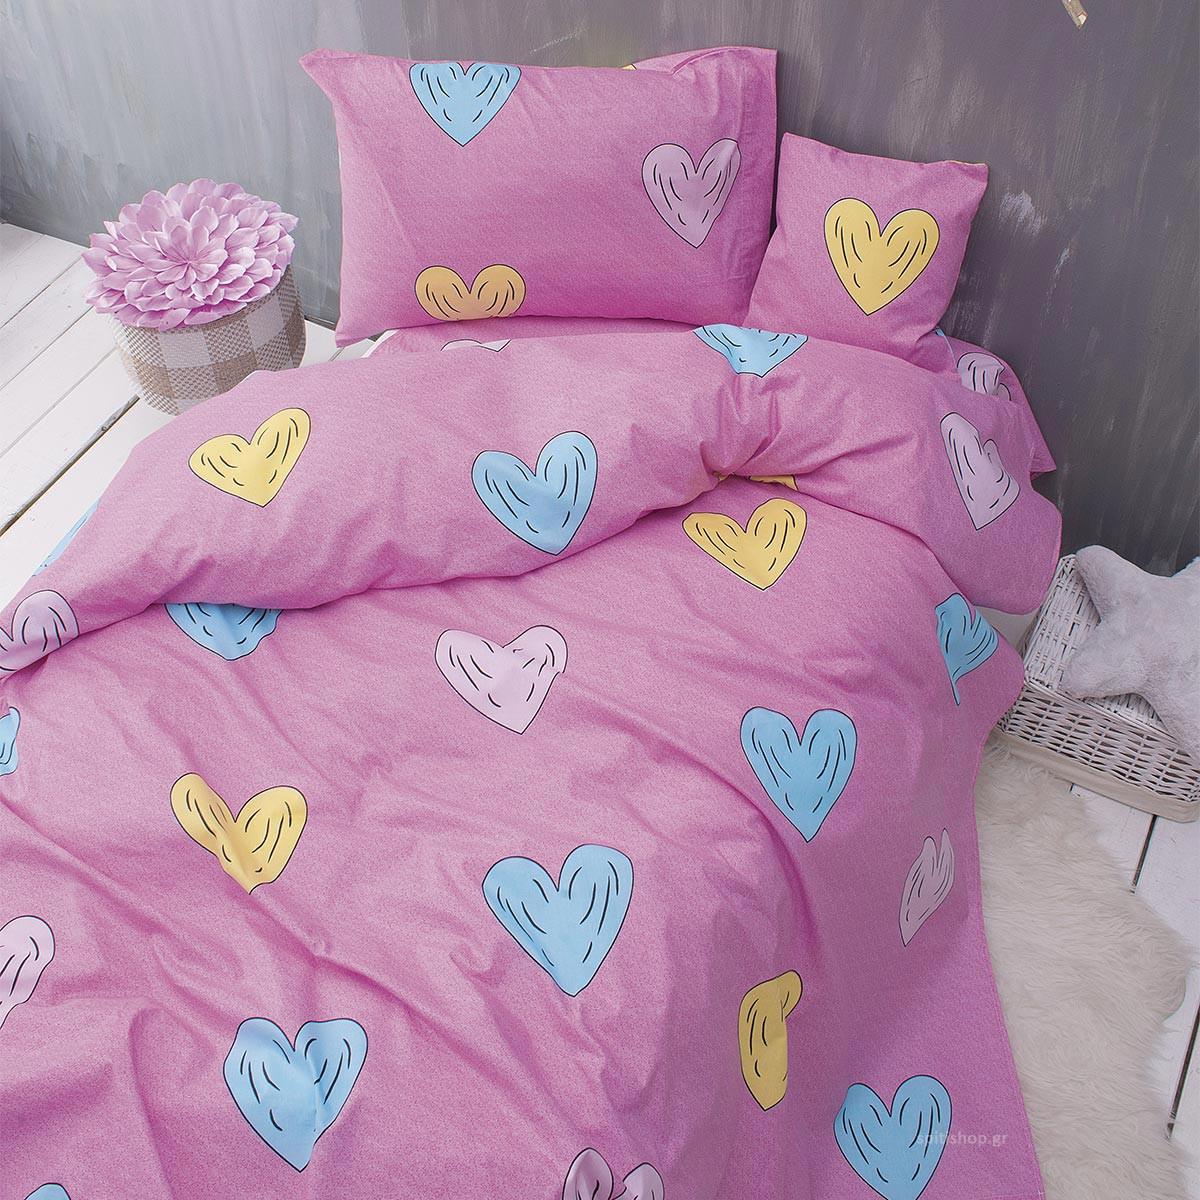 Σεντόνια Μονά (Σετ) Rythmos Nova Libi Pink ΧΩΡΙΣ ΛΑΣΤΙΧΟ 160×260 ΧΩΡΙΣ ΛΑΣΤΙΧΟ 160×260